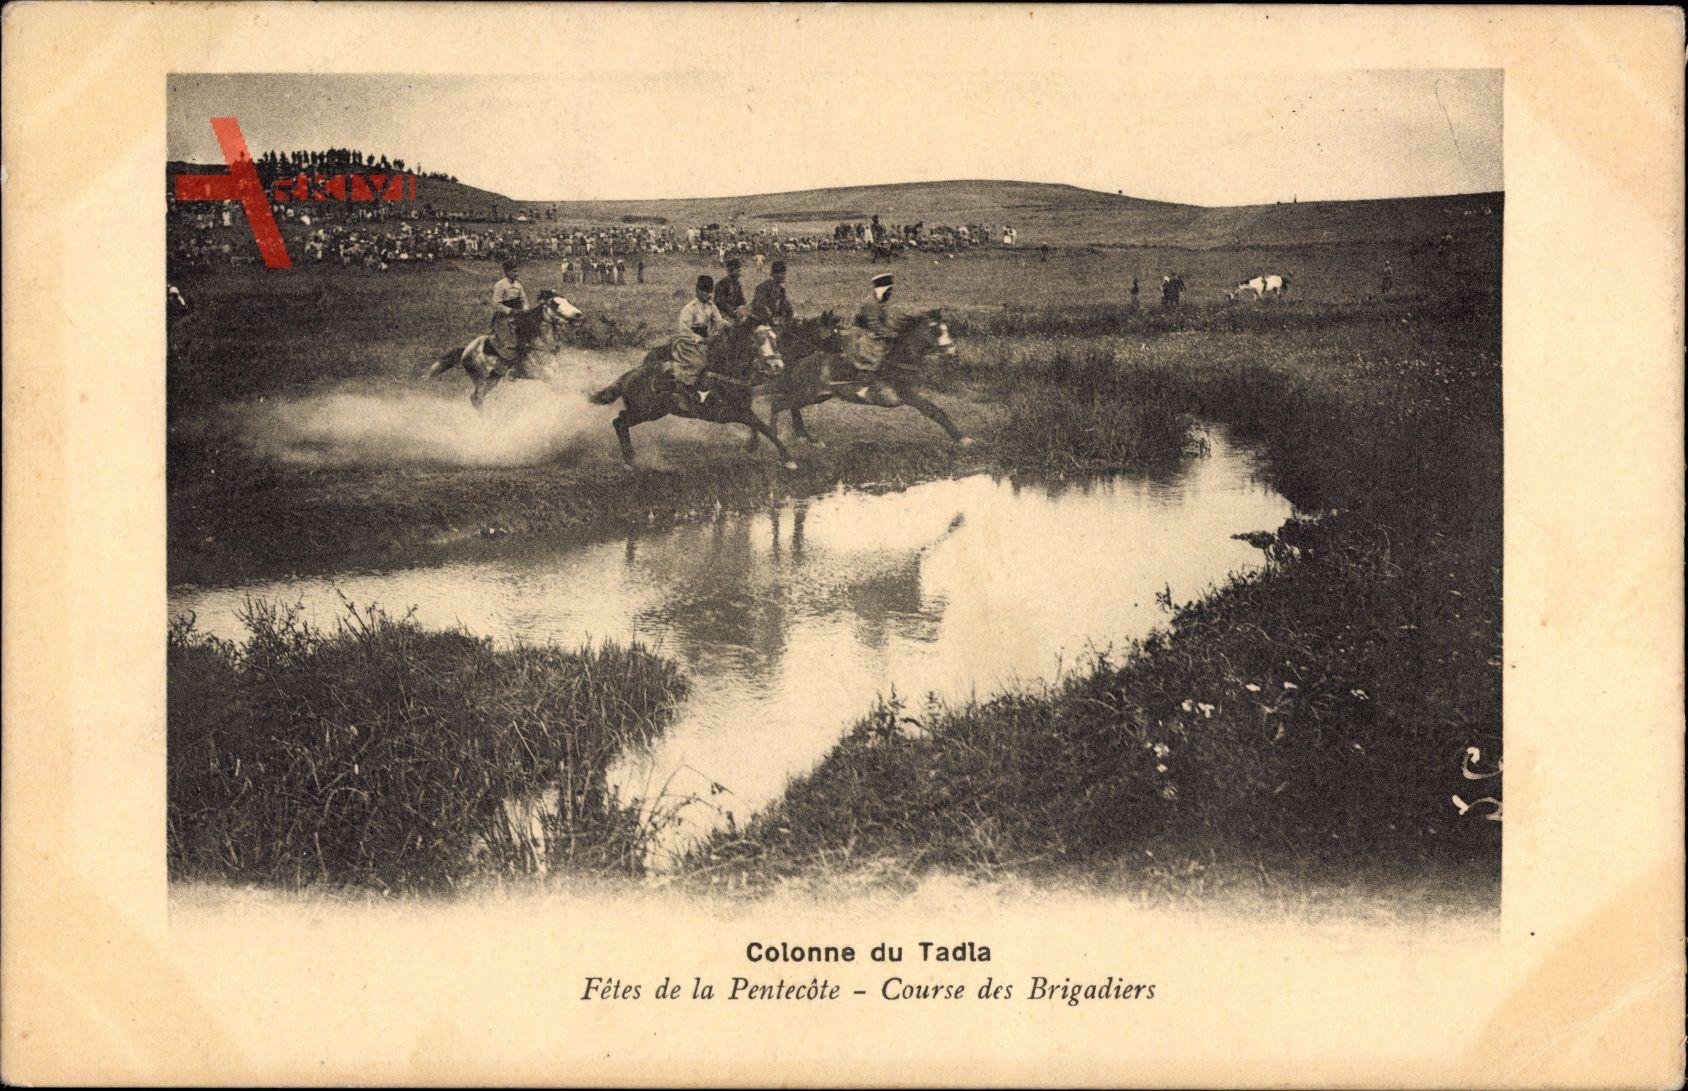 Marokko, Colonne du Tadla, Fetes de la Pentecote, Course des Brigadiers